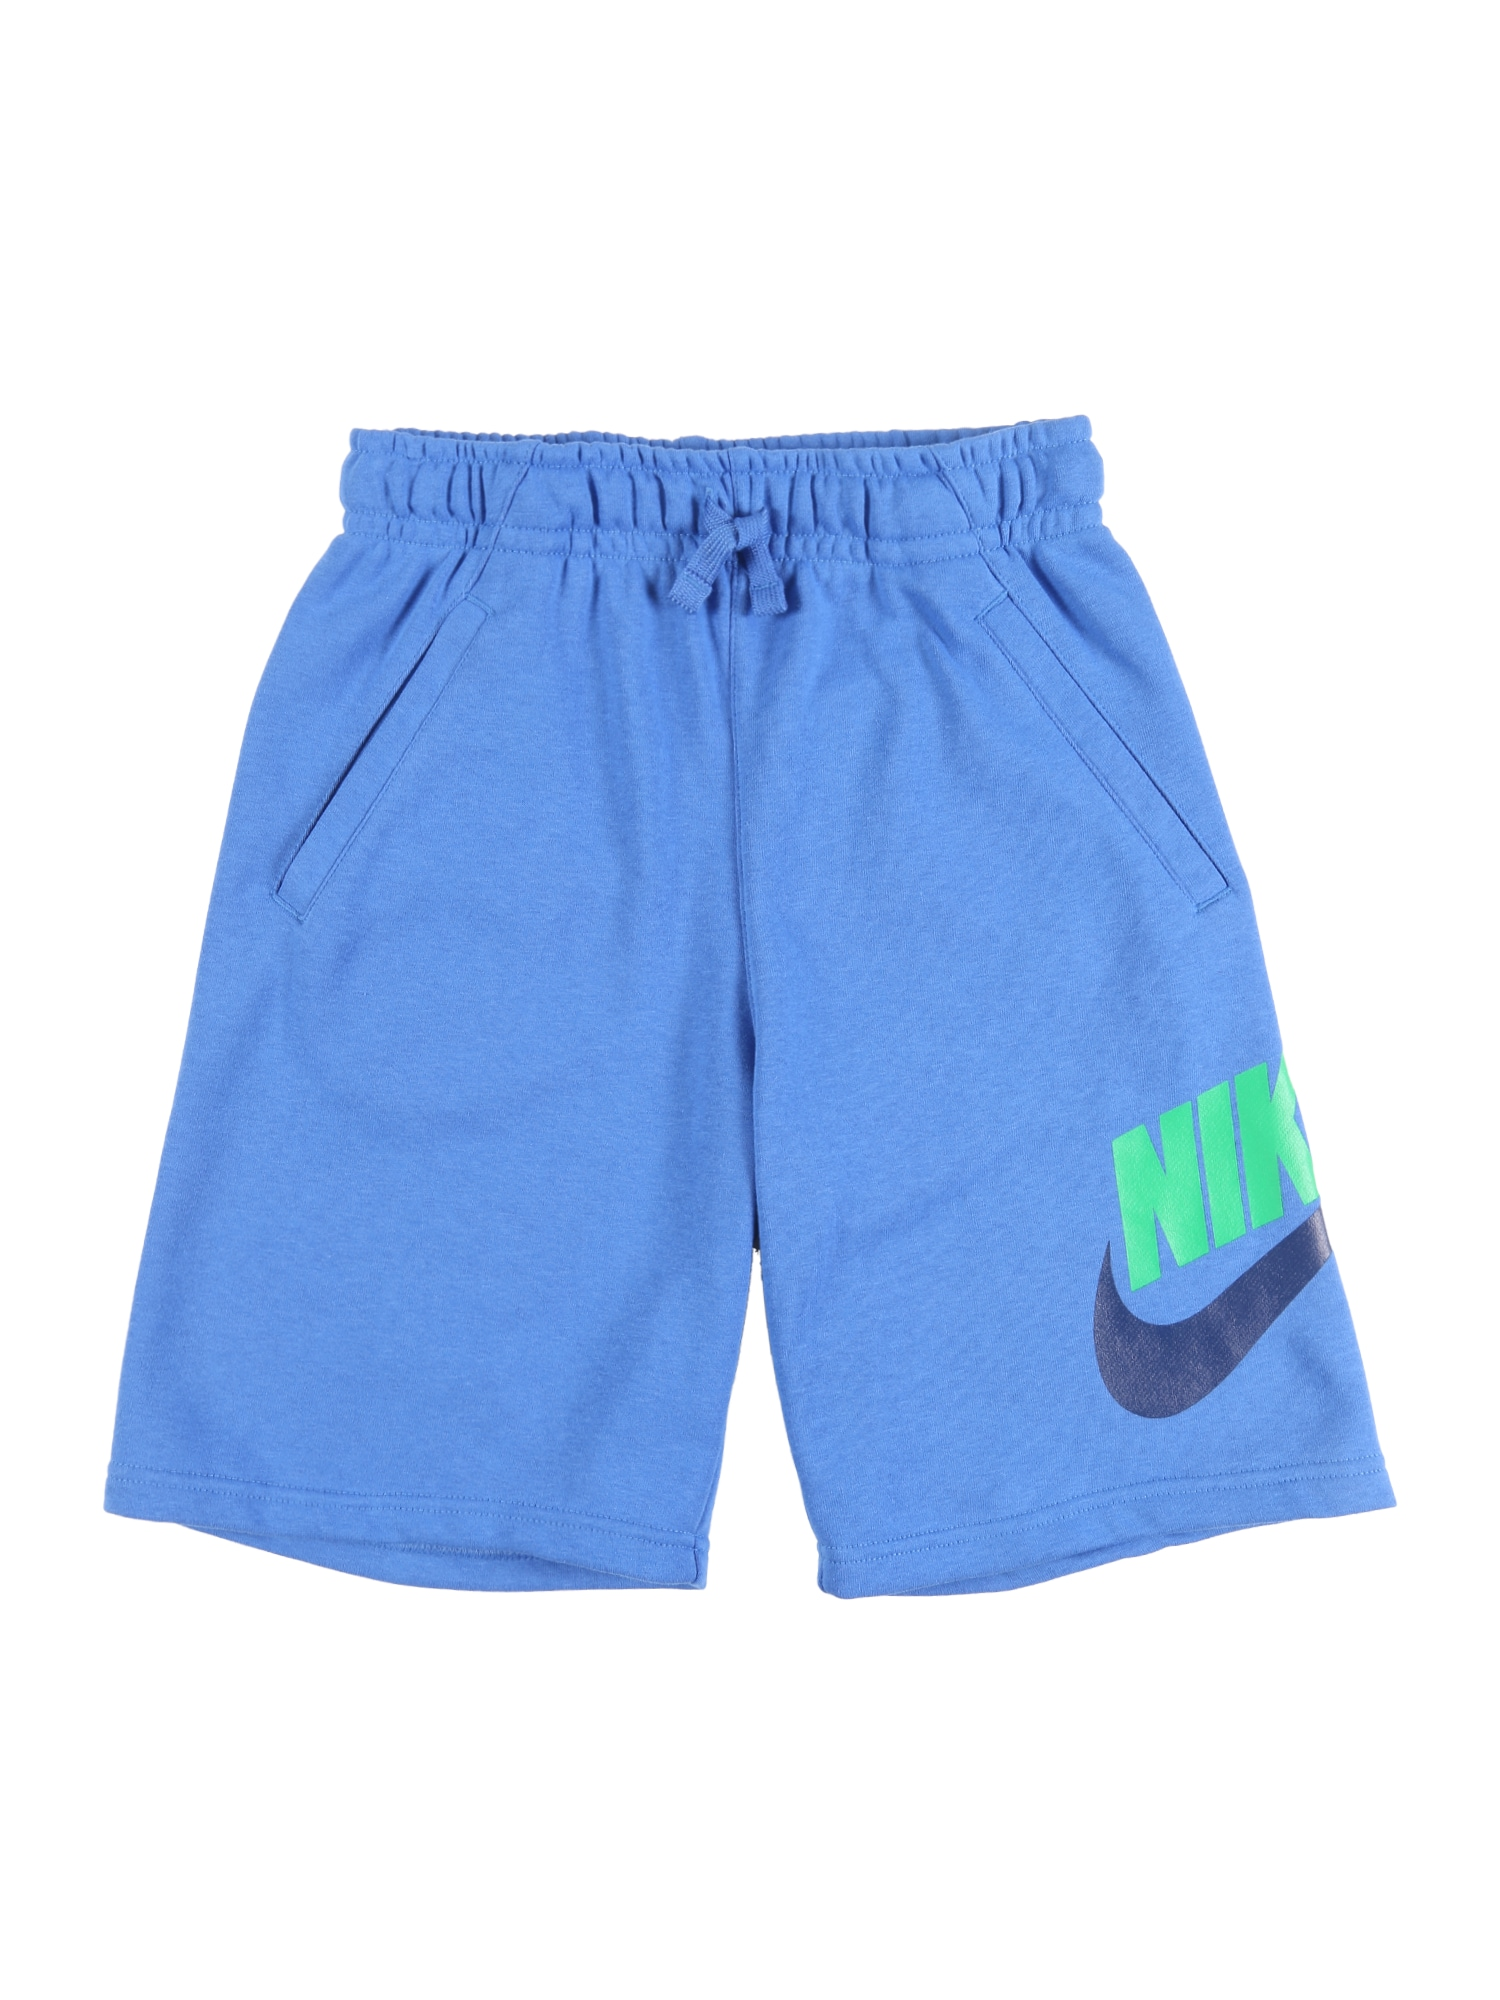 Nike Sportswear Kelnės 'CLUB' mėlyna